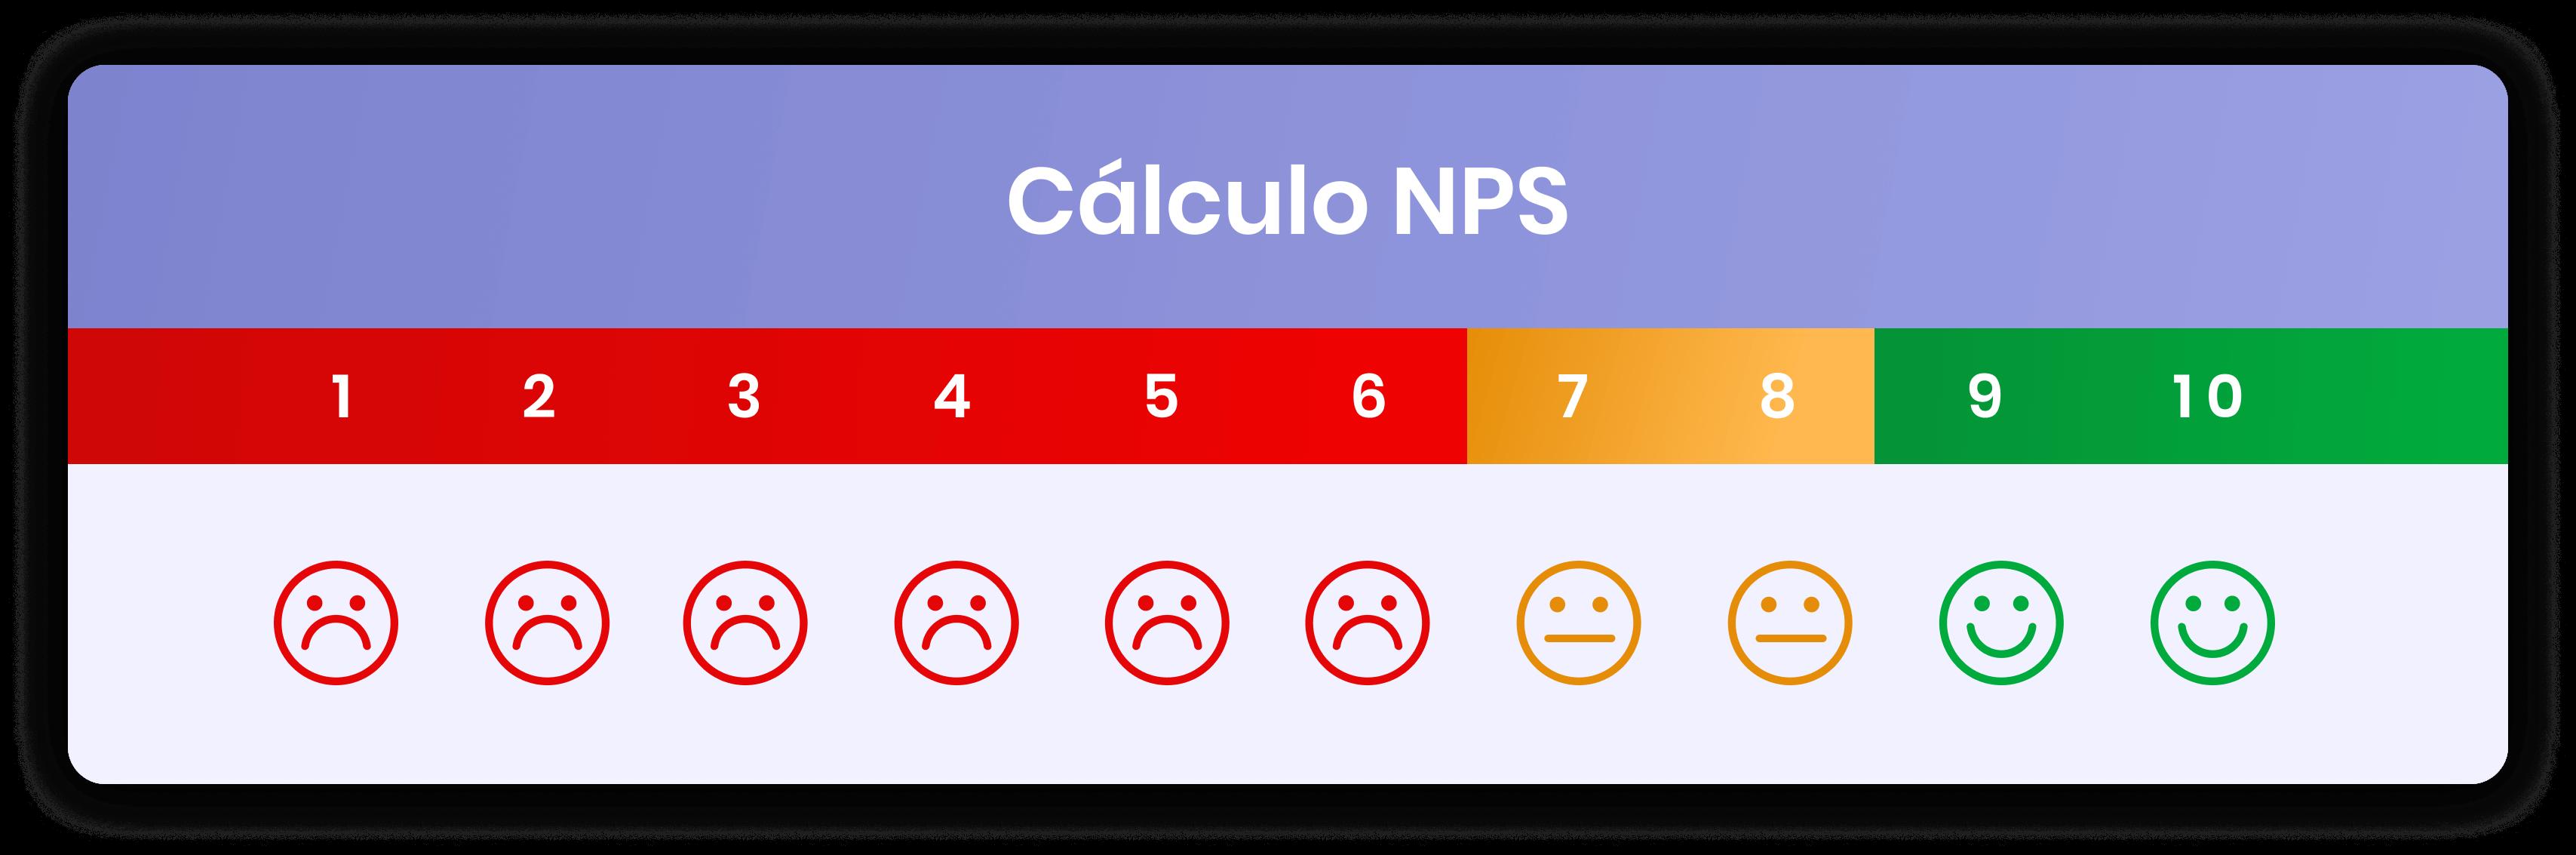 Representação do método de avaliação NPS.